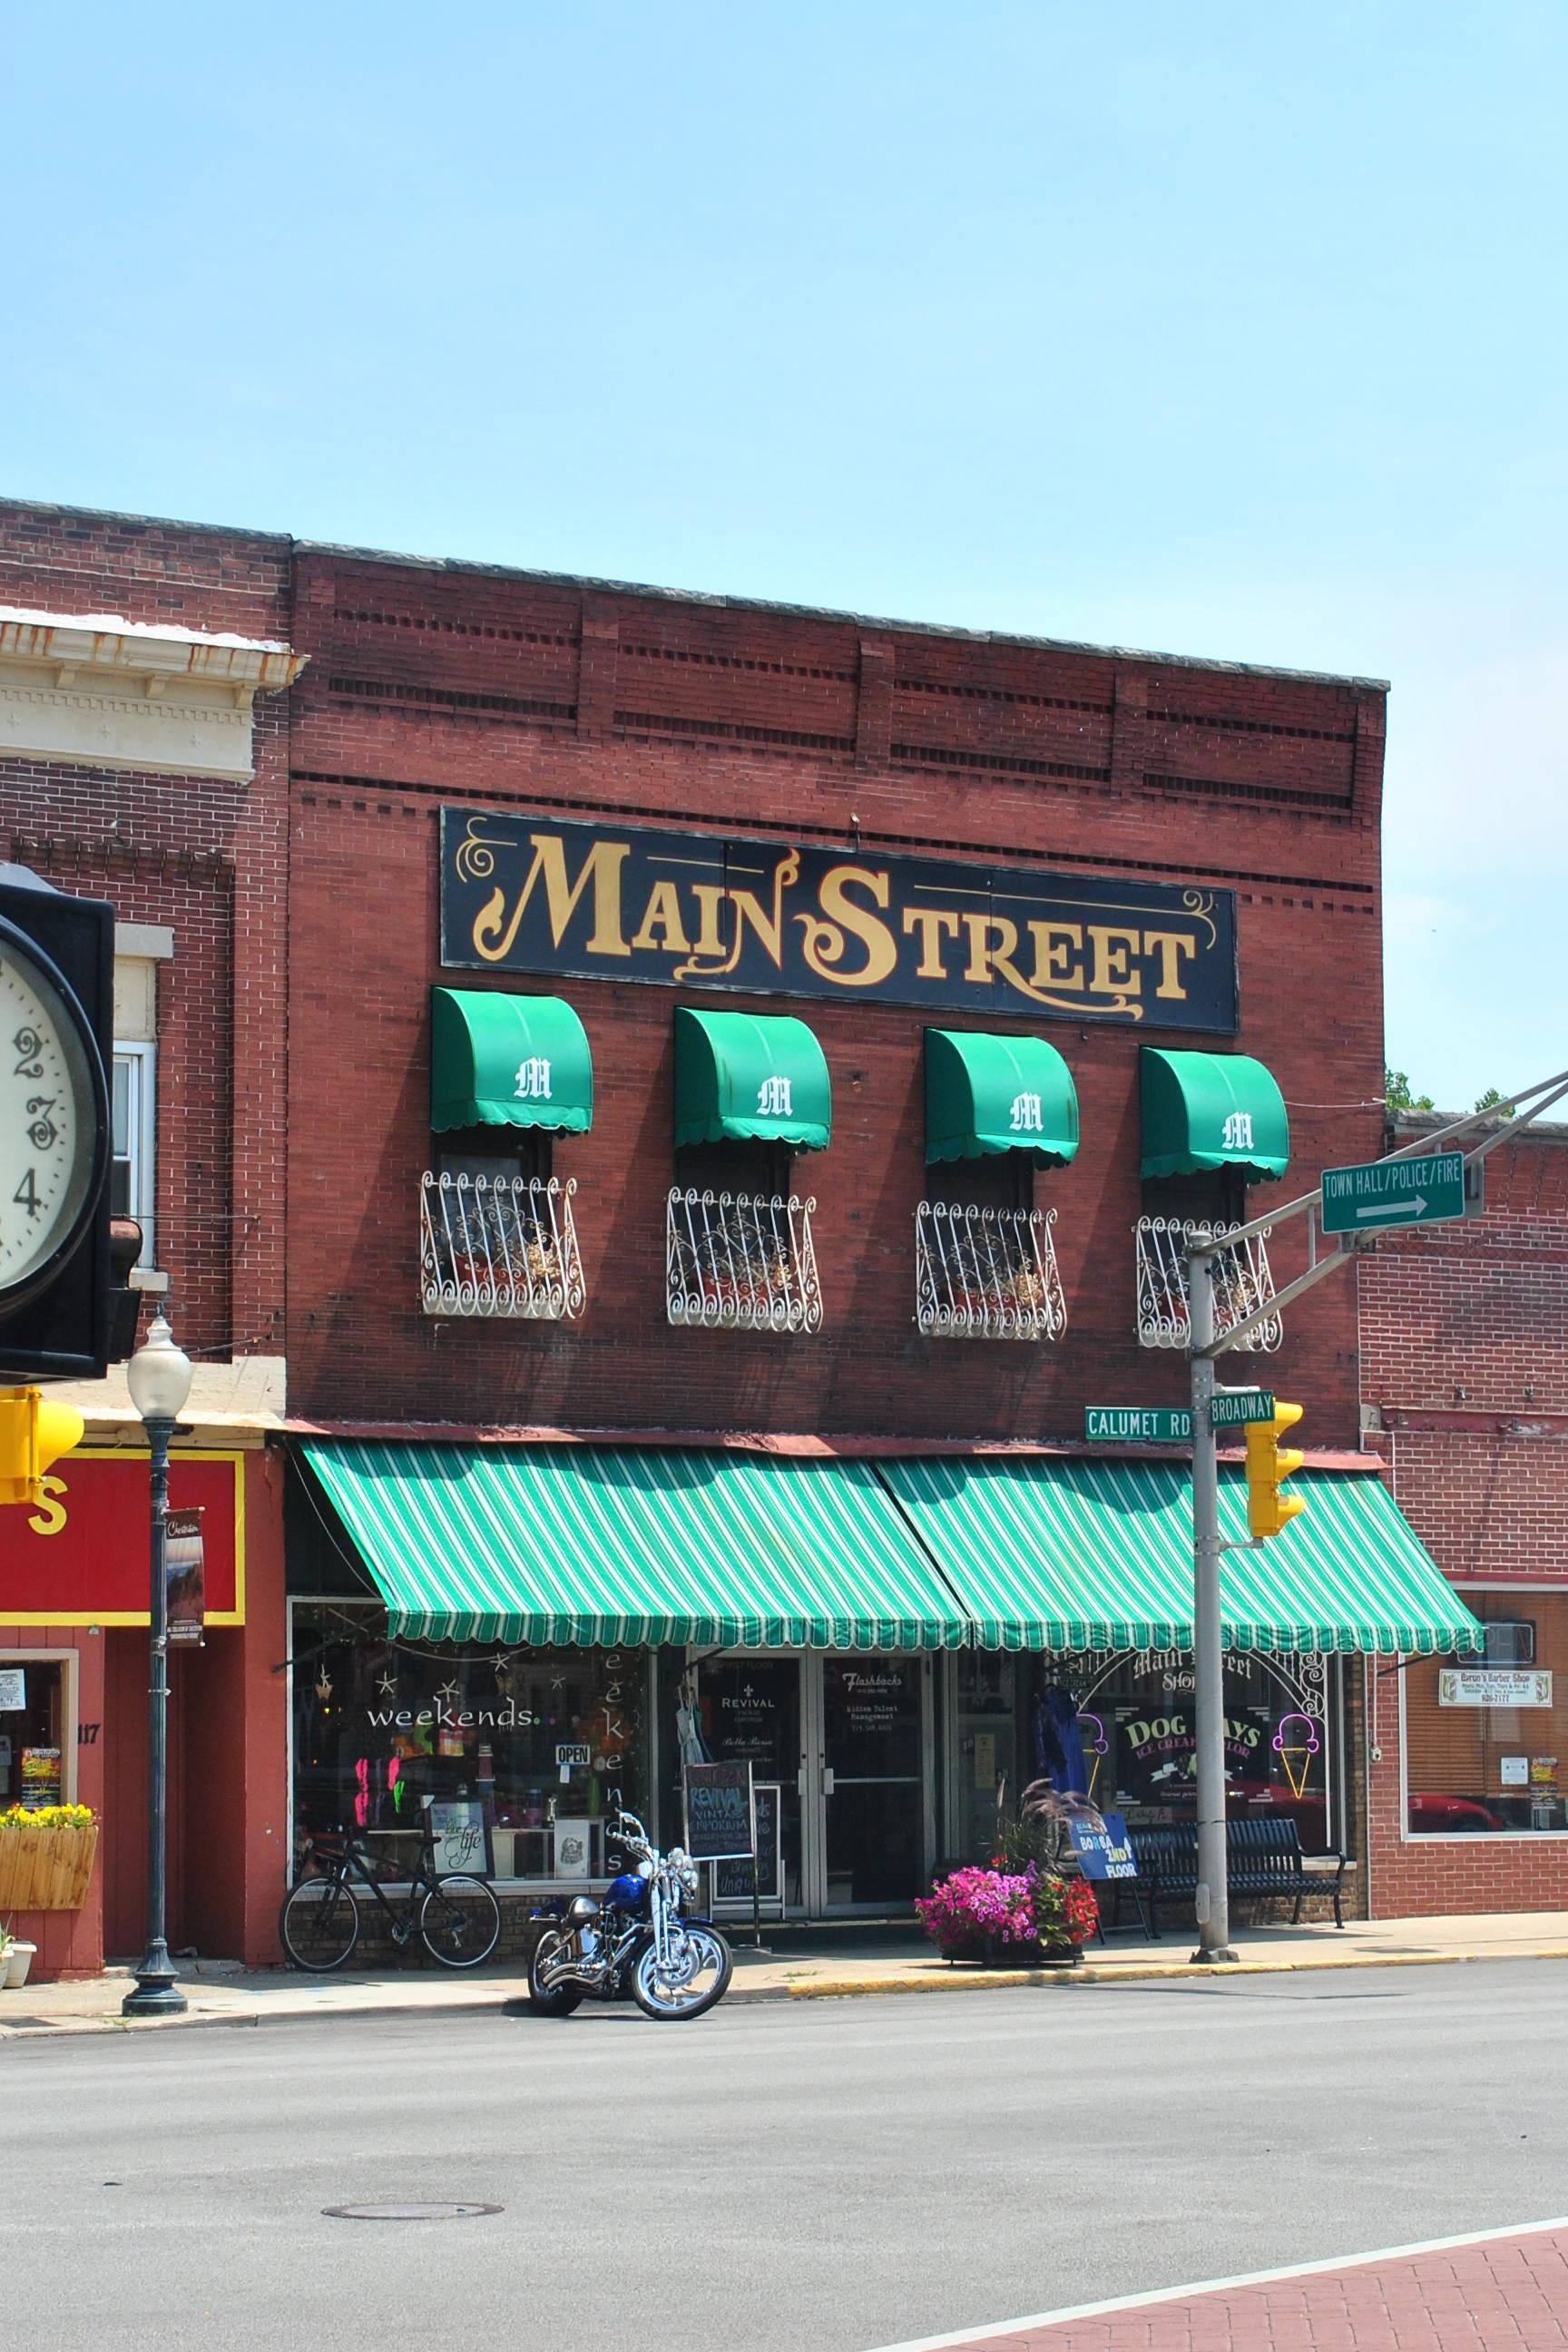 Main_Street_Bldg_Chesterton_IN_2012.jpg